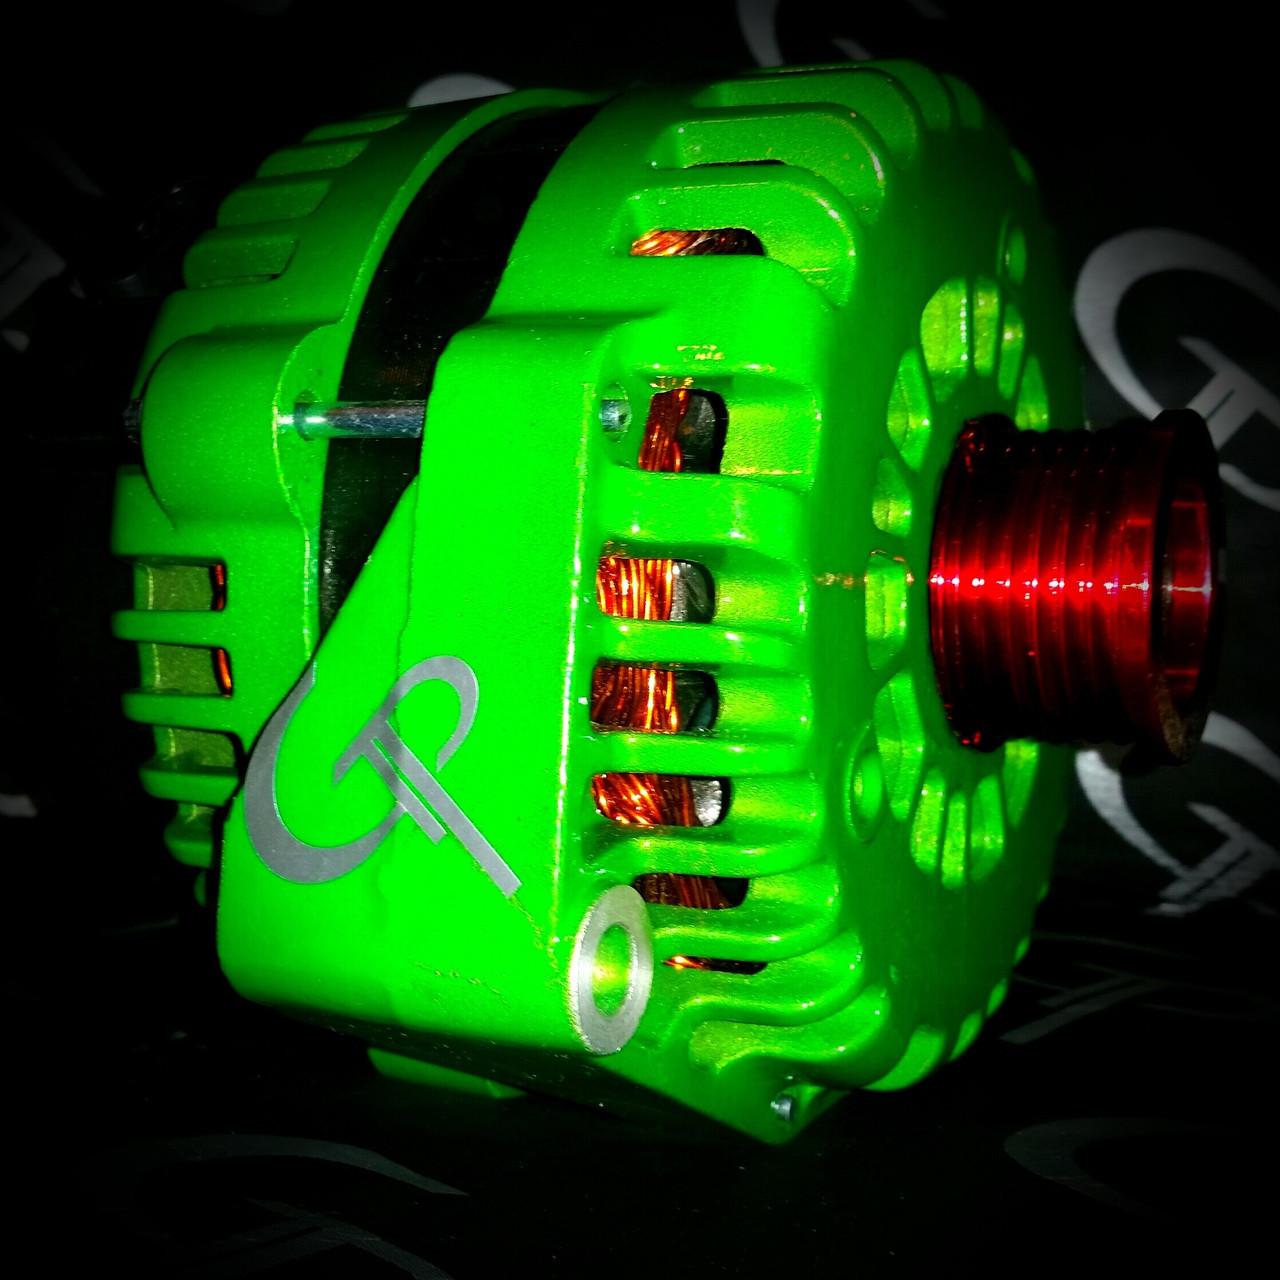 CHEVROLET CORVETTE 6.2L 300 AMP TEAM GP Alternator